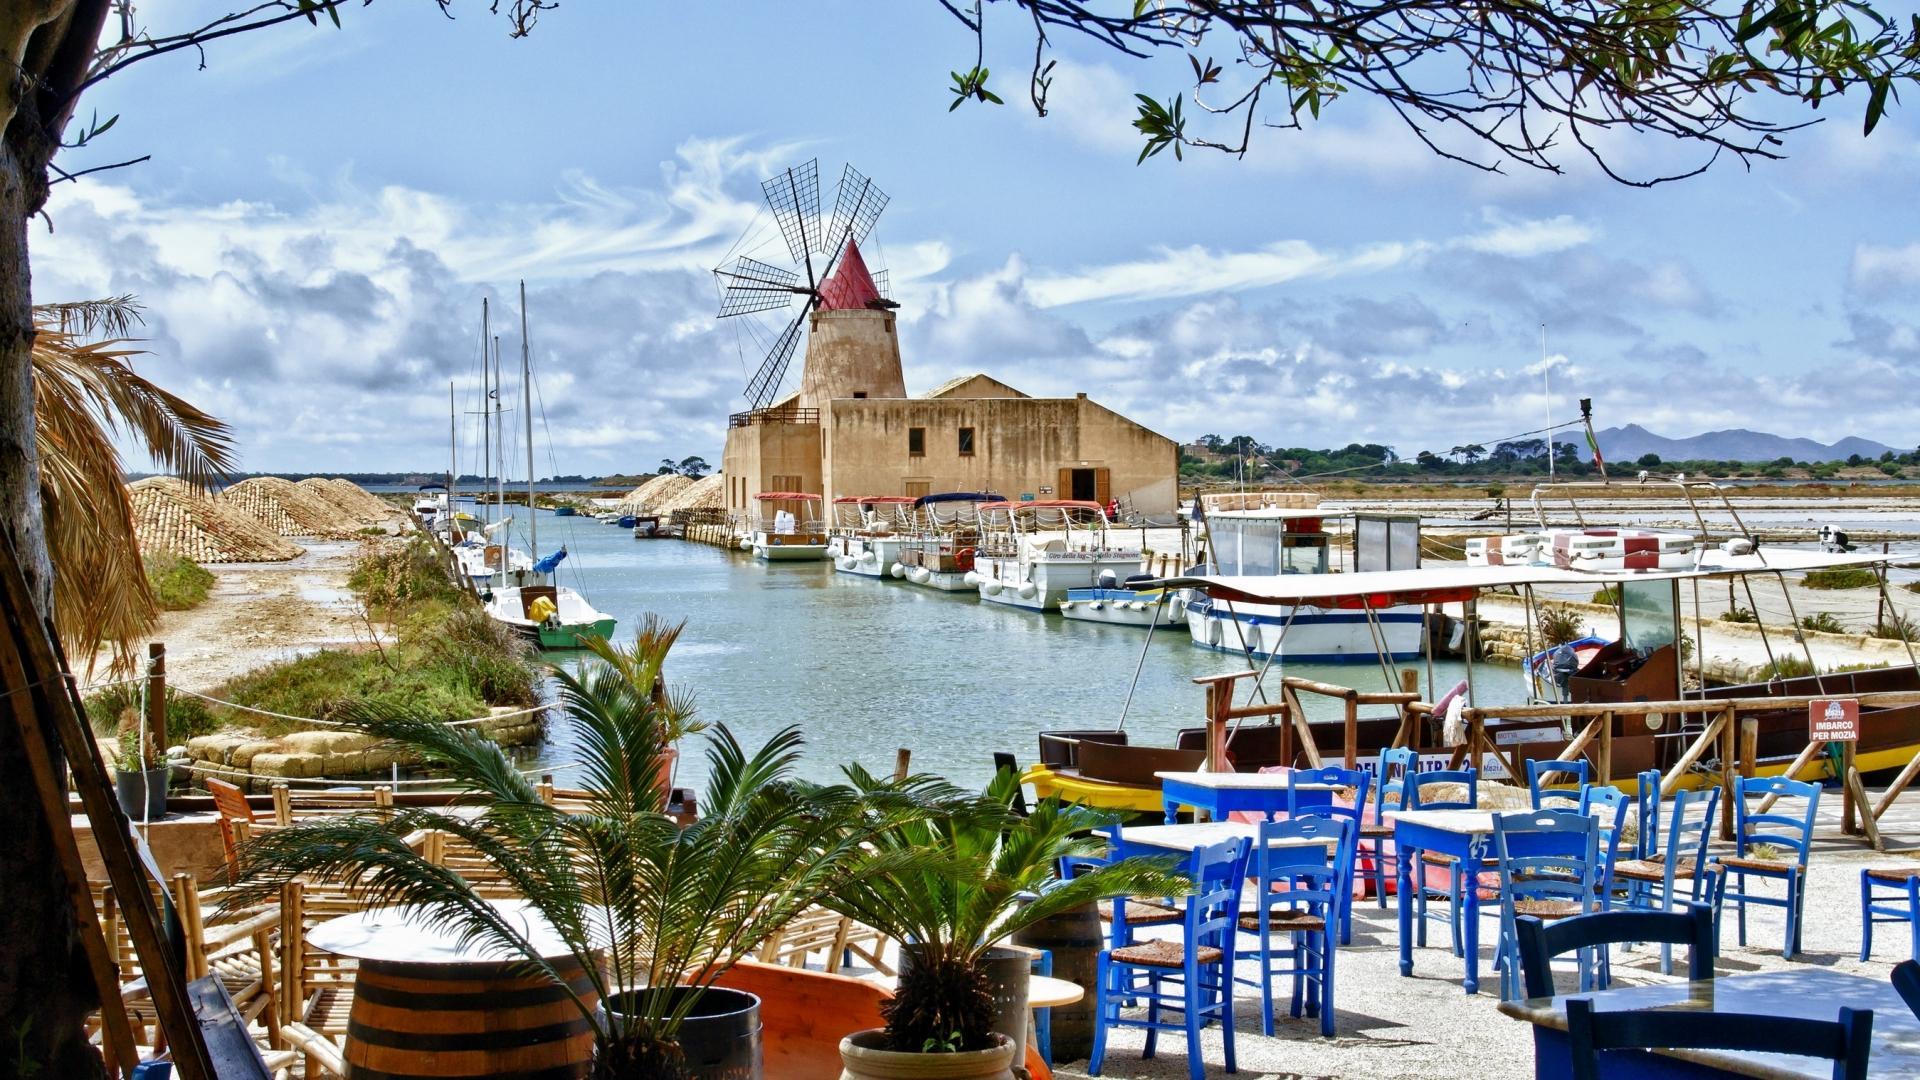 Sicily desktop wallpaper wallpapersafari - Italy screensaver ...